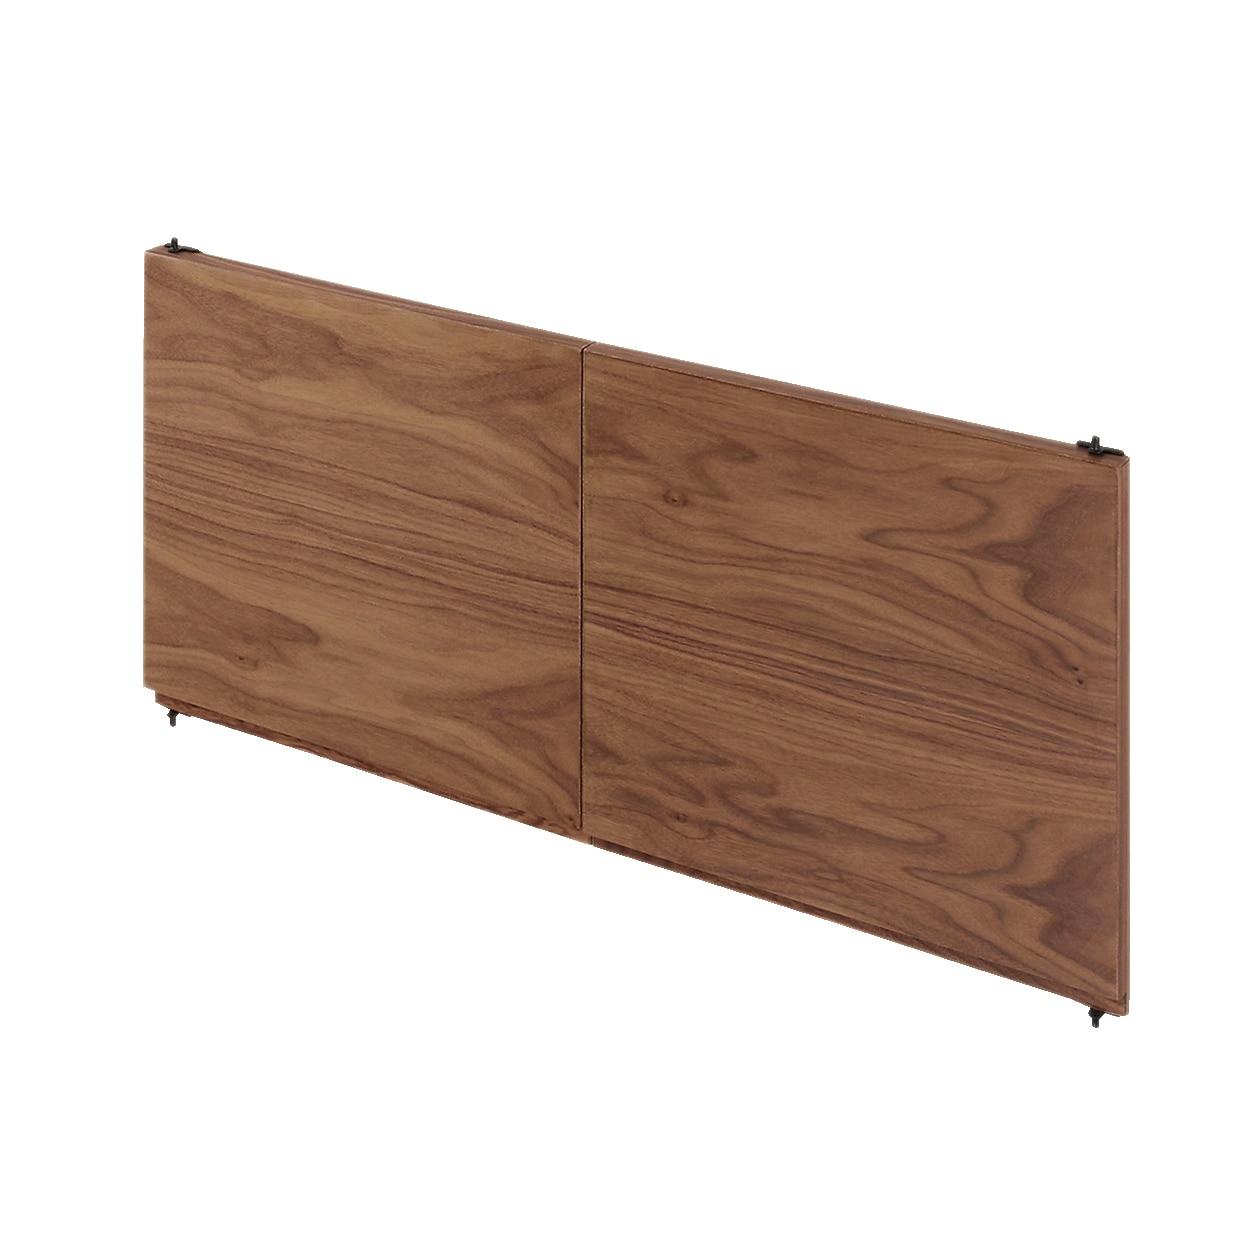 スタッキングキャビネット・木製扉(左右セット)・ウォールナット材